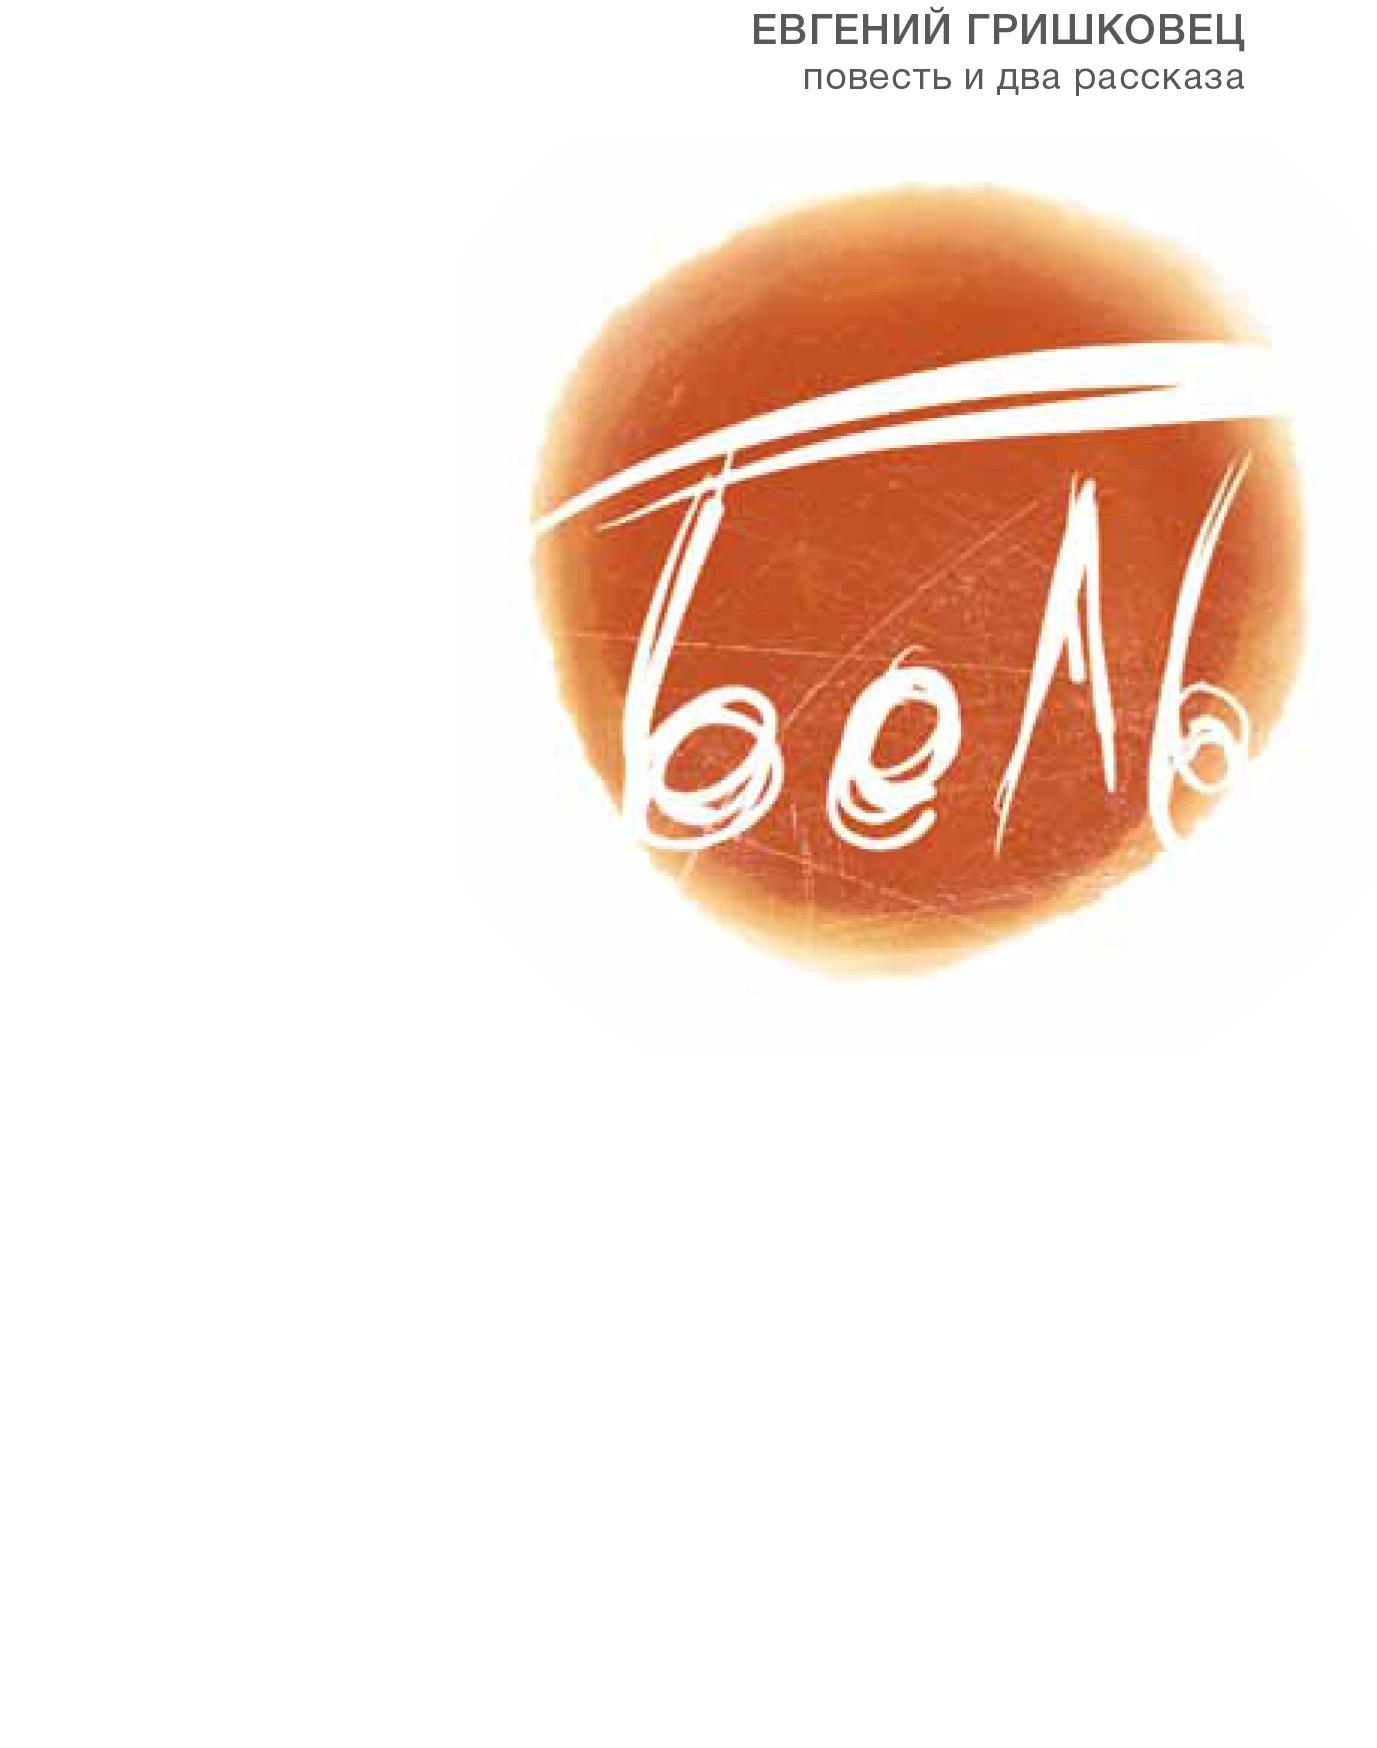 Евгений Гришковец Боль (сборник) аноним дневник кислородного вора как я причинял женщинам боль page 2